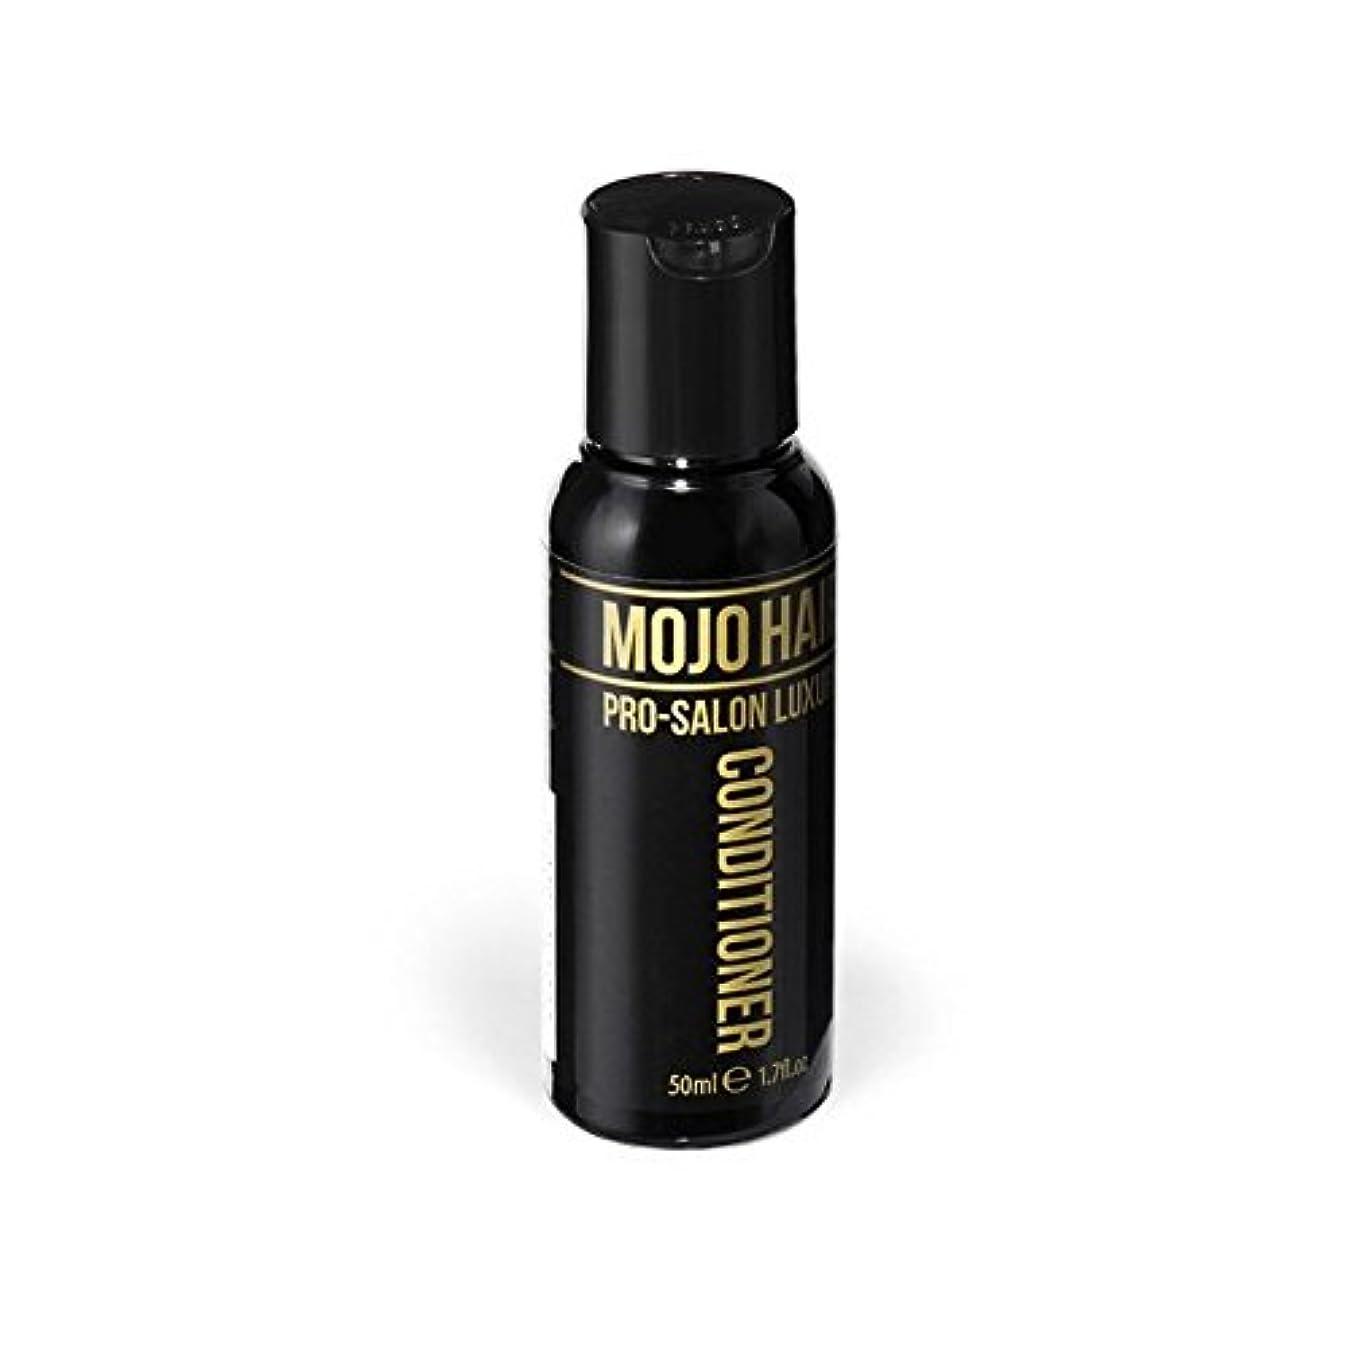 告白前部曇ったMojo Hair Pro-Salon Luxury Conditioner (50ml) - モジョの毛プロのサロンの贅沢なコンディショナー(50ミリリットル) [並行輸入品]